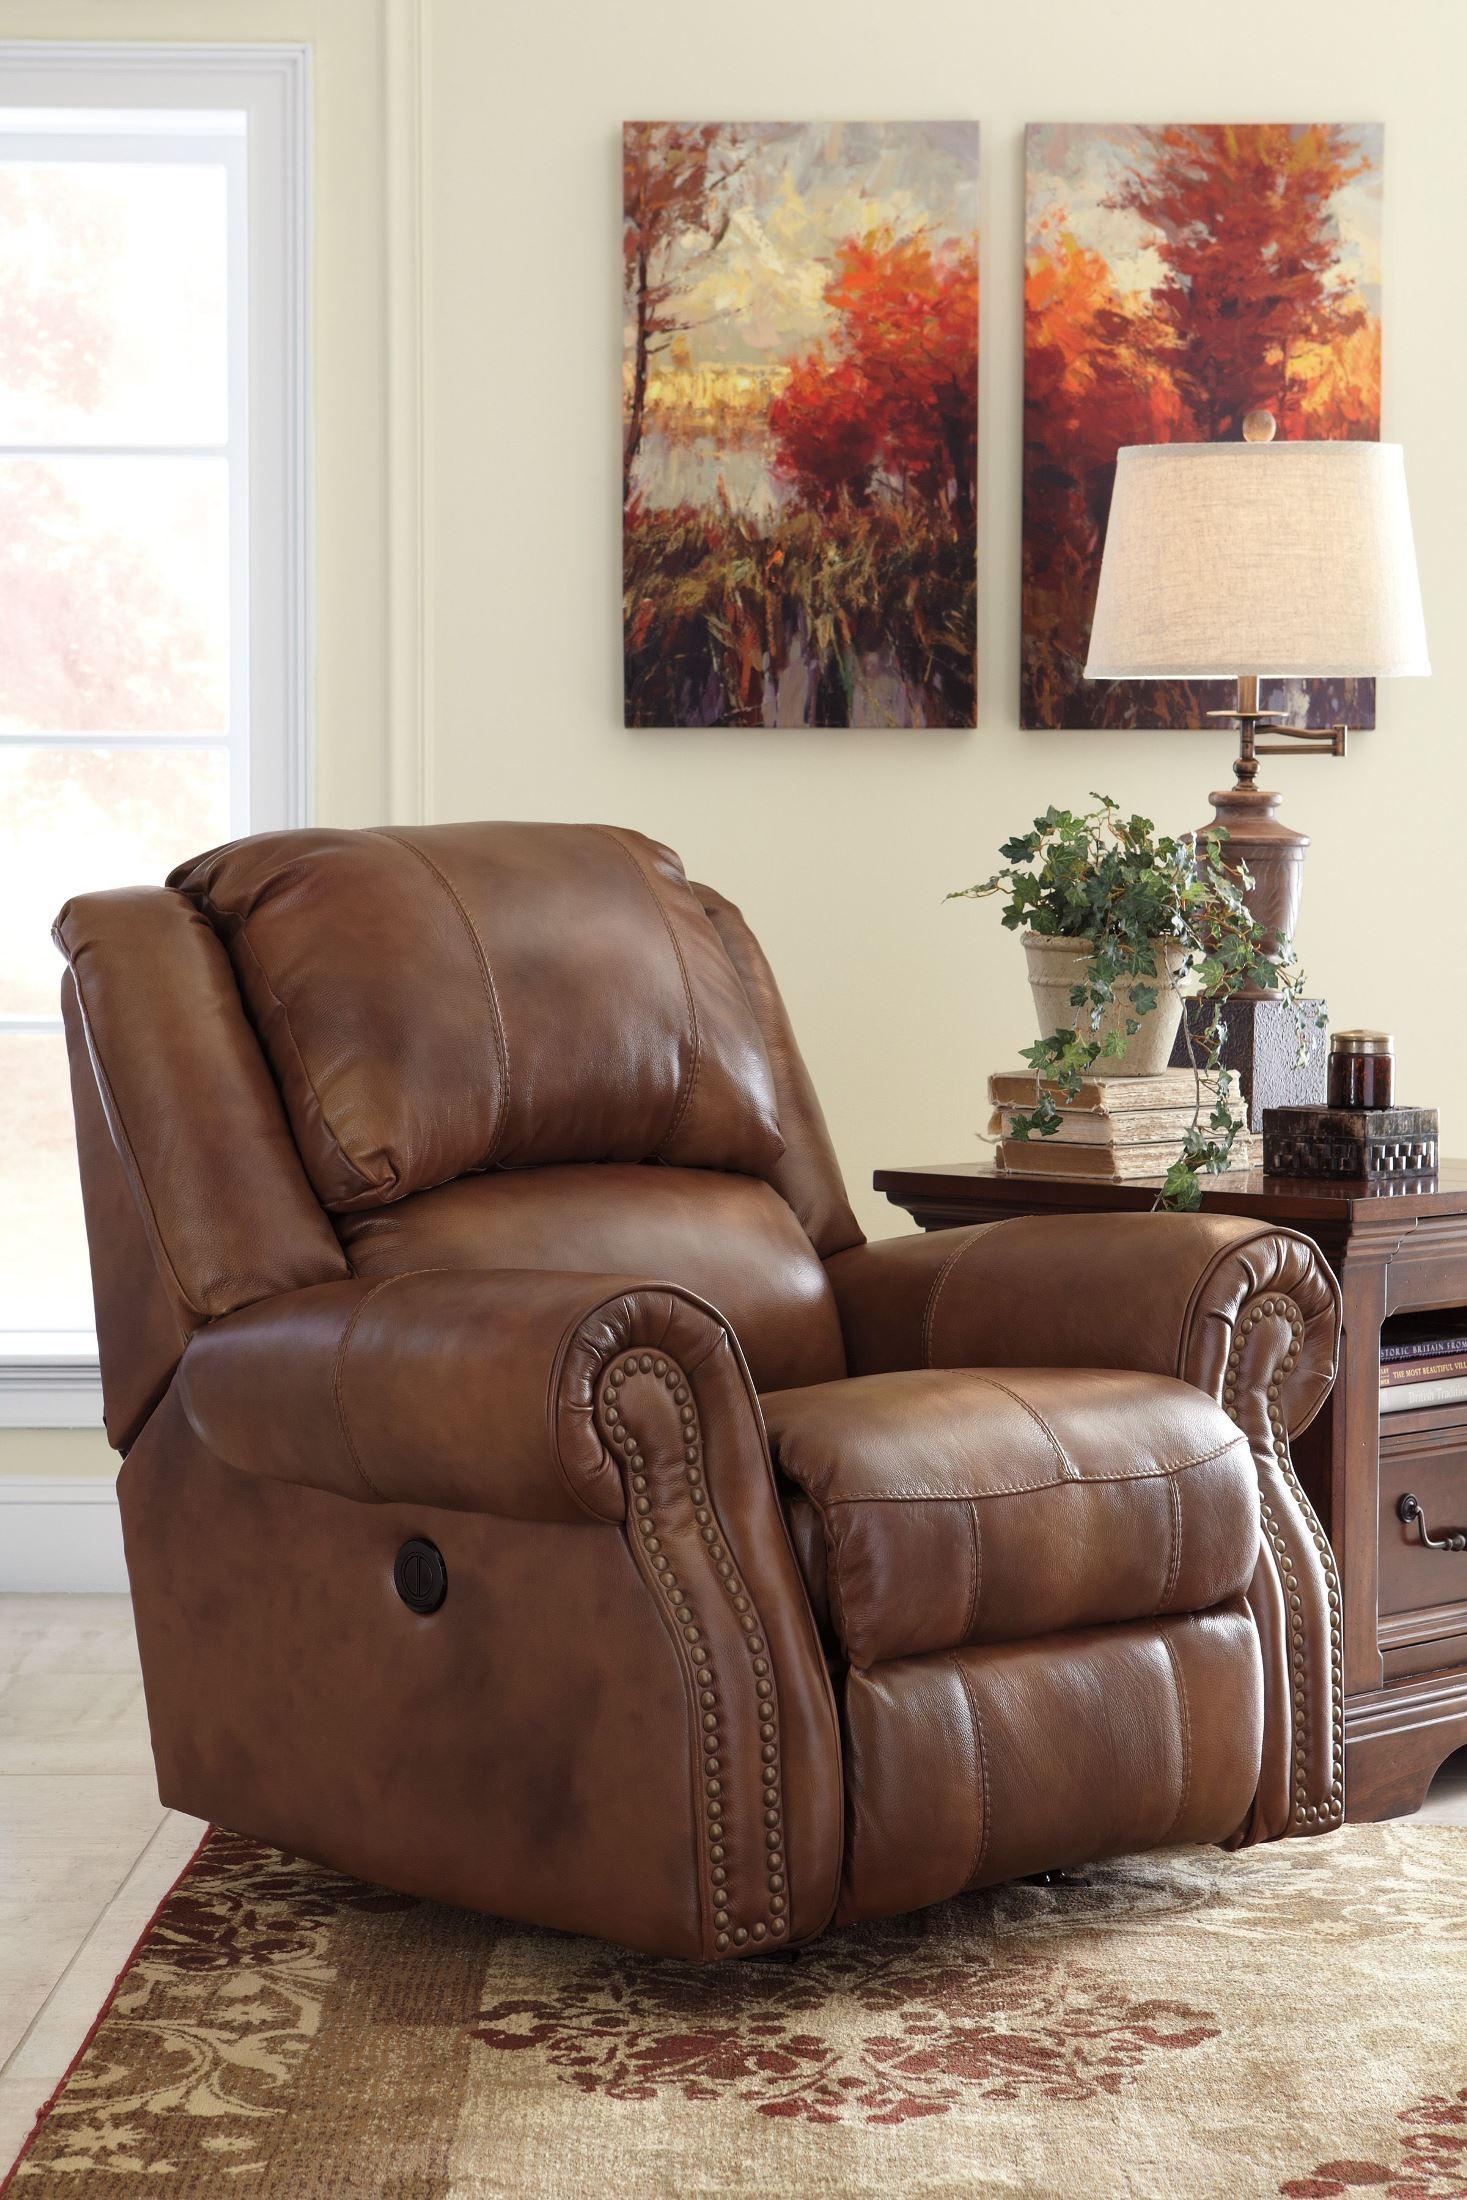 walworth auburn power rocker recliner from ashley u7800198 a